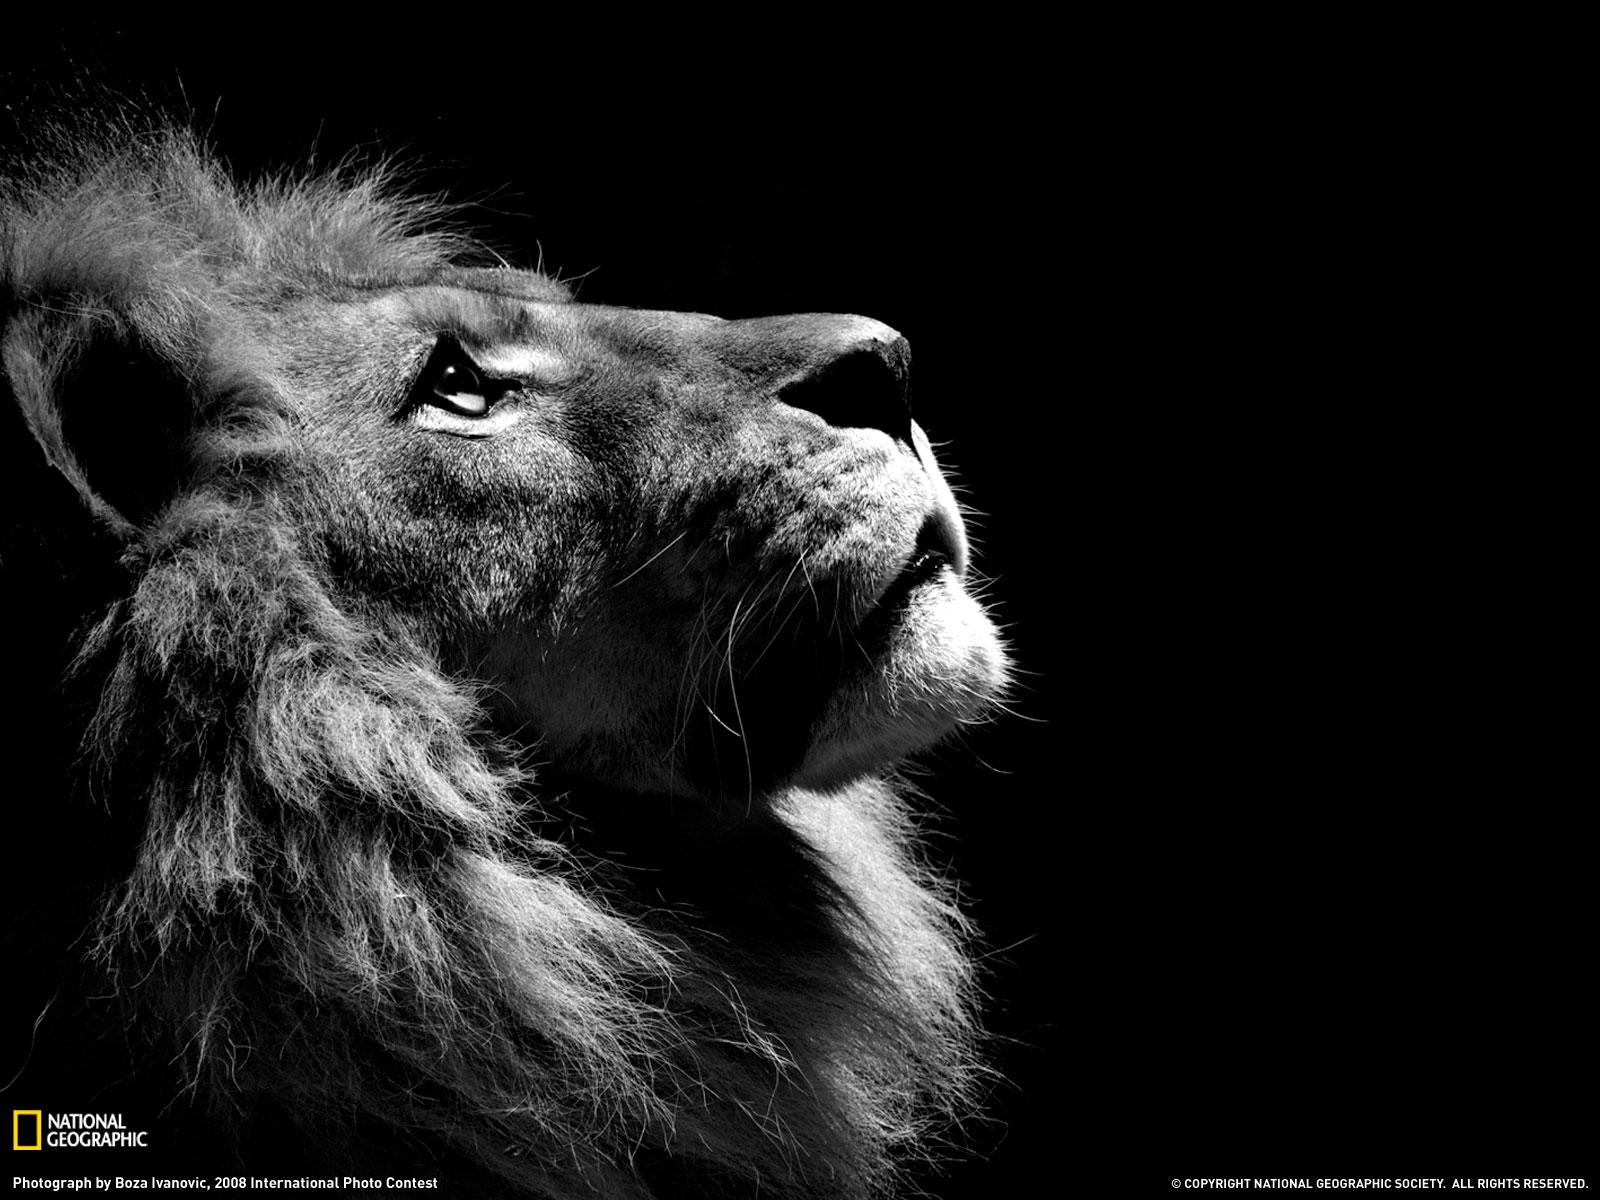 лев на черном фоне, скачать фото, обои для рабочего стола, lion